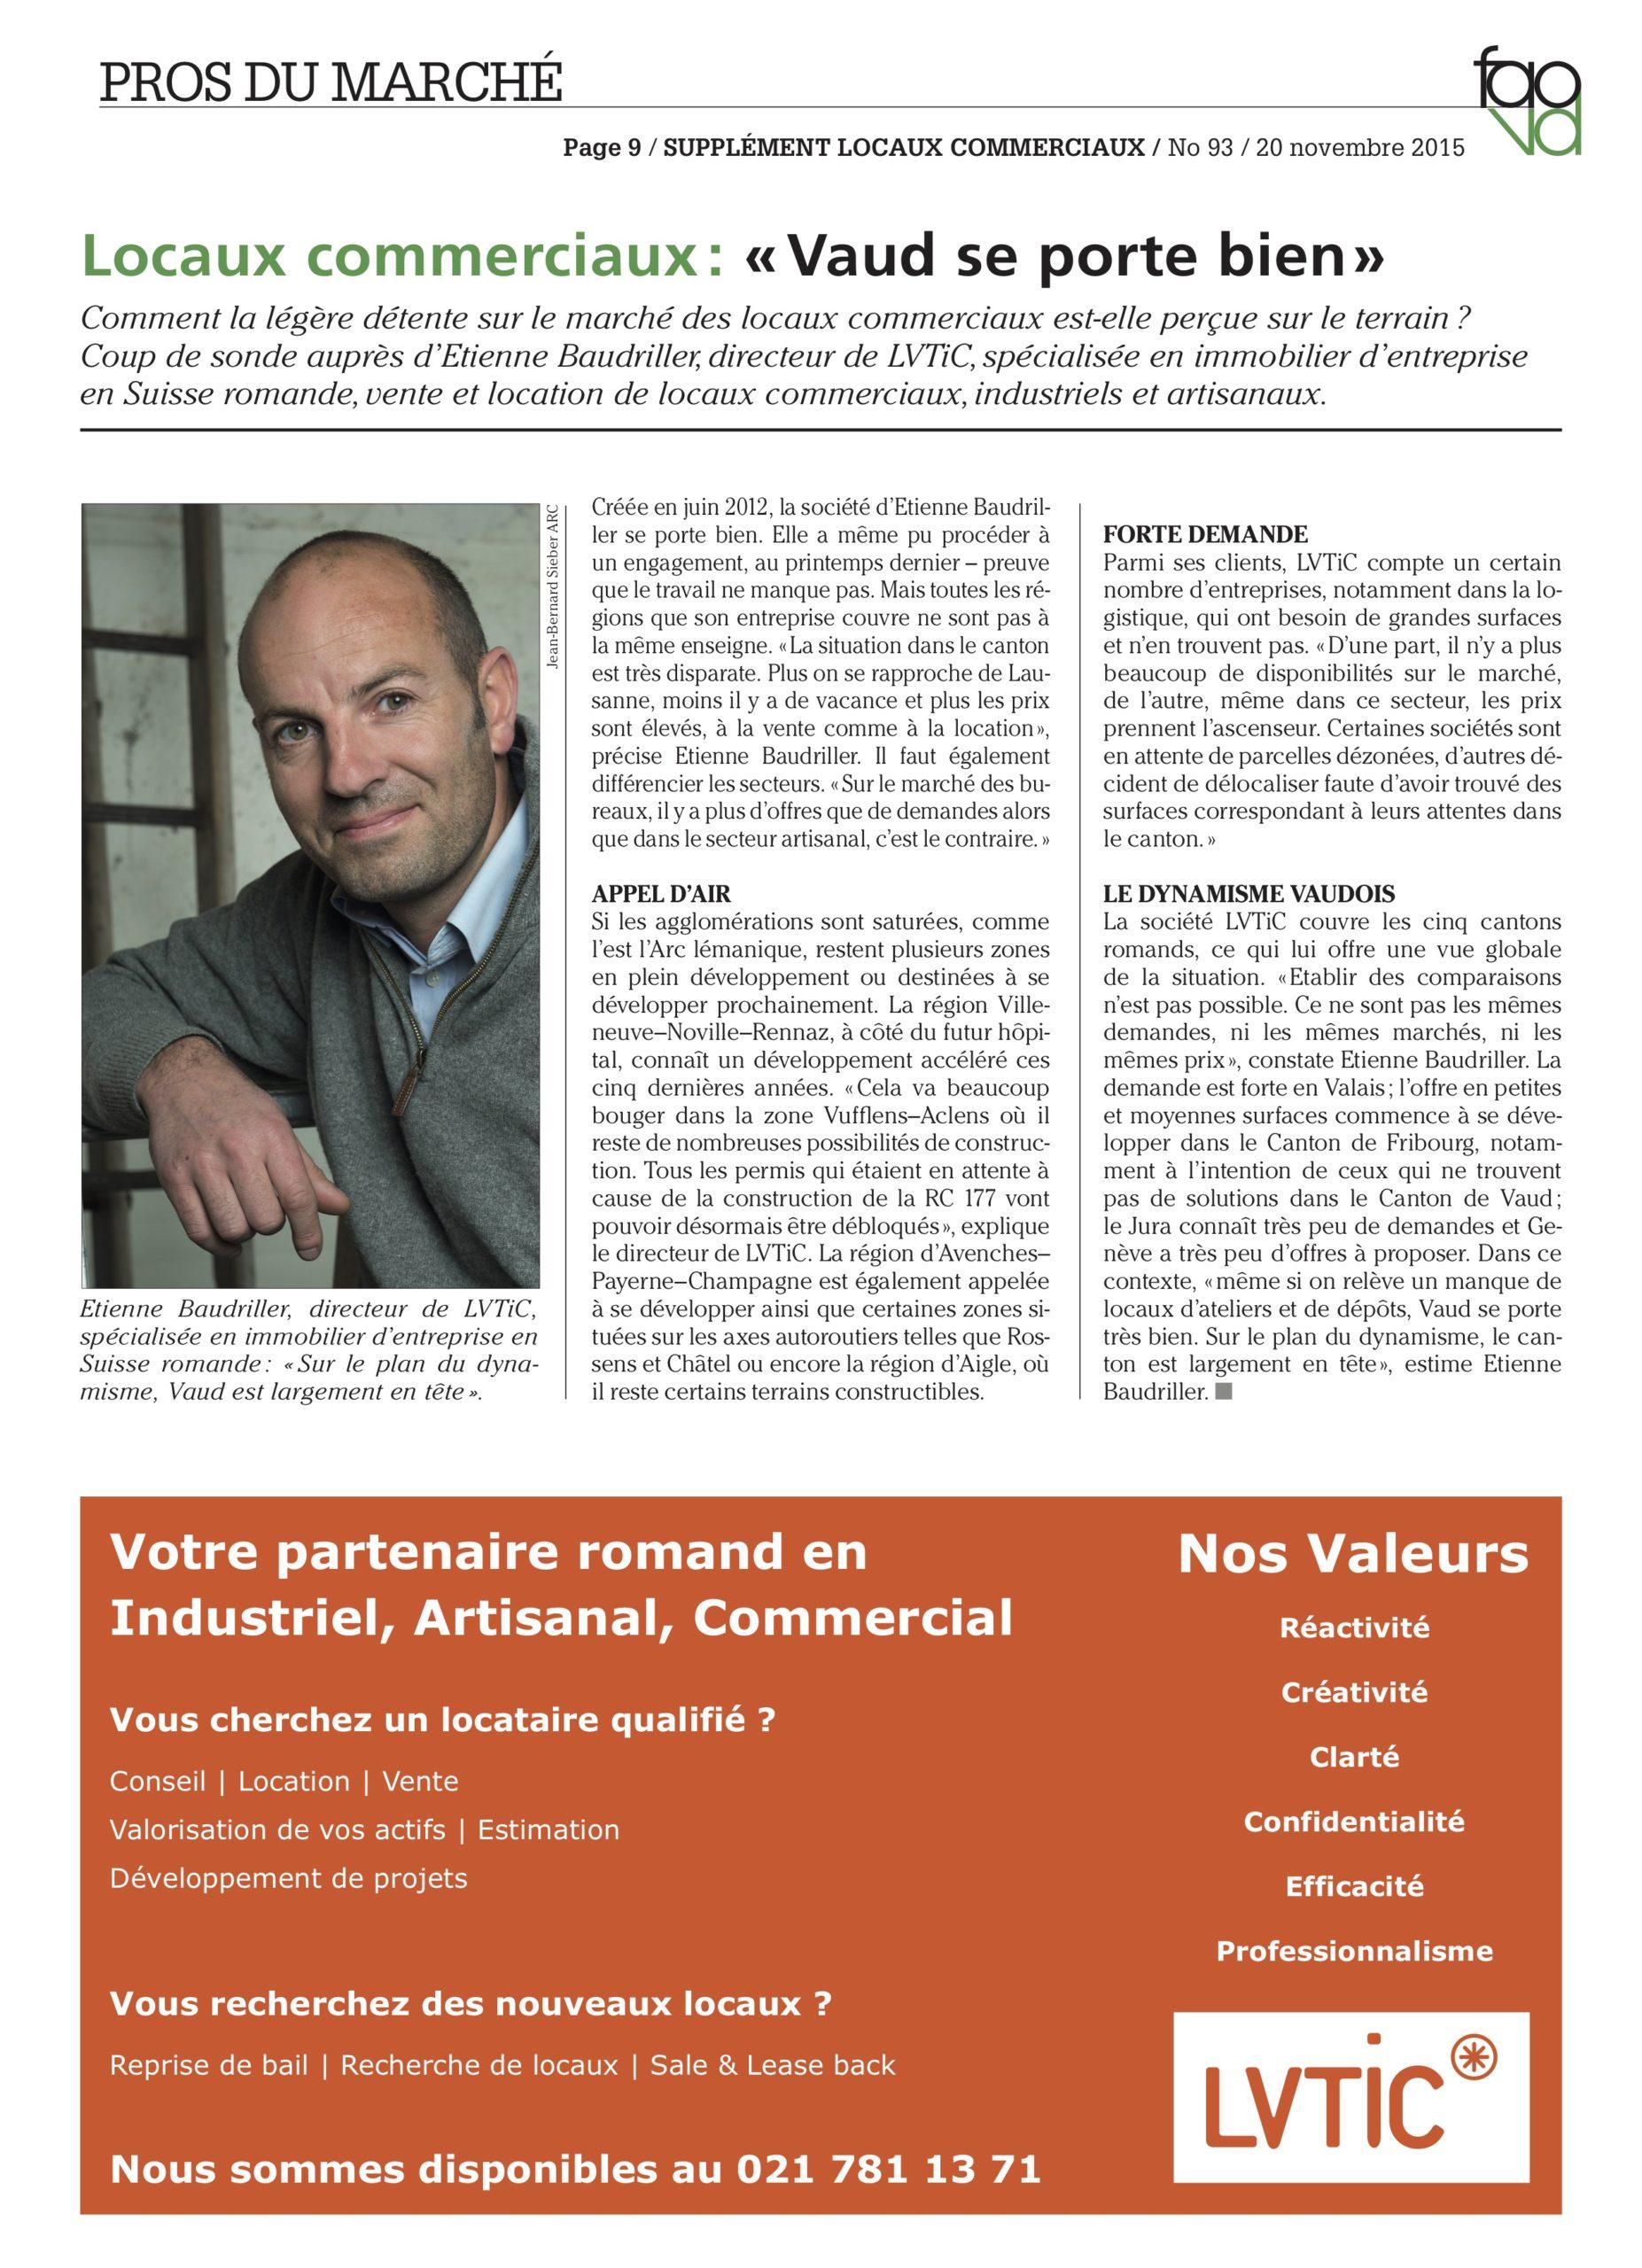 FAO-locaux-commerciaux-vaud-se-porte-bien-3